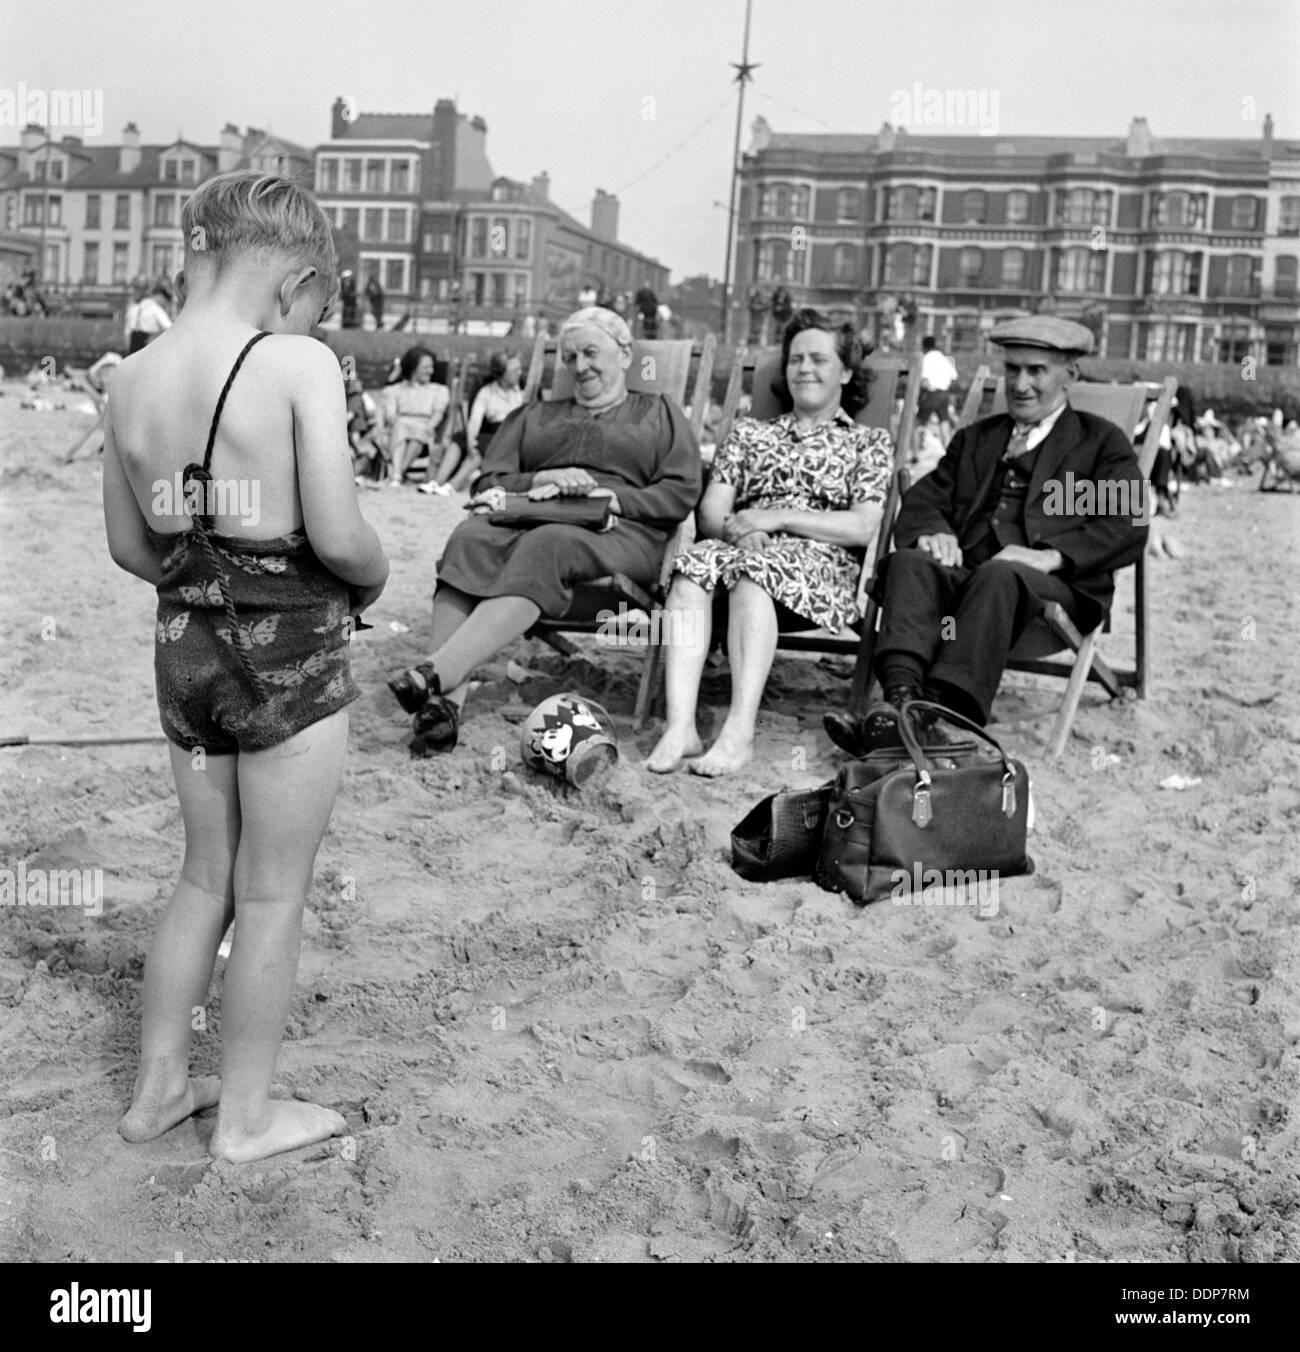 Fotografías de un niño a su madre y abuelos en la playa, Blackpool, c1946-c1955. Artista: John Gay Imagen De Stock